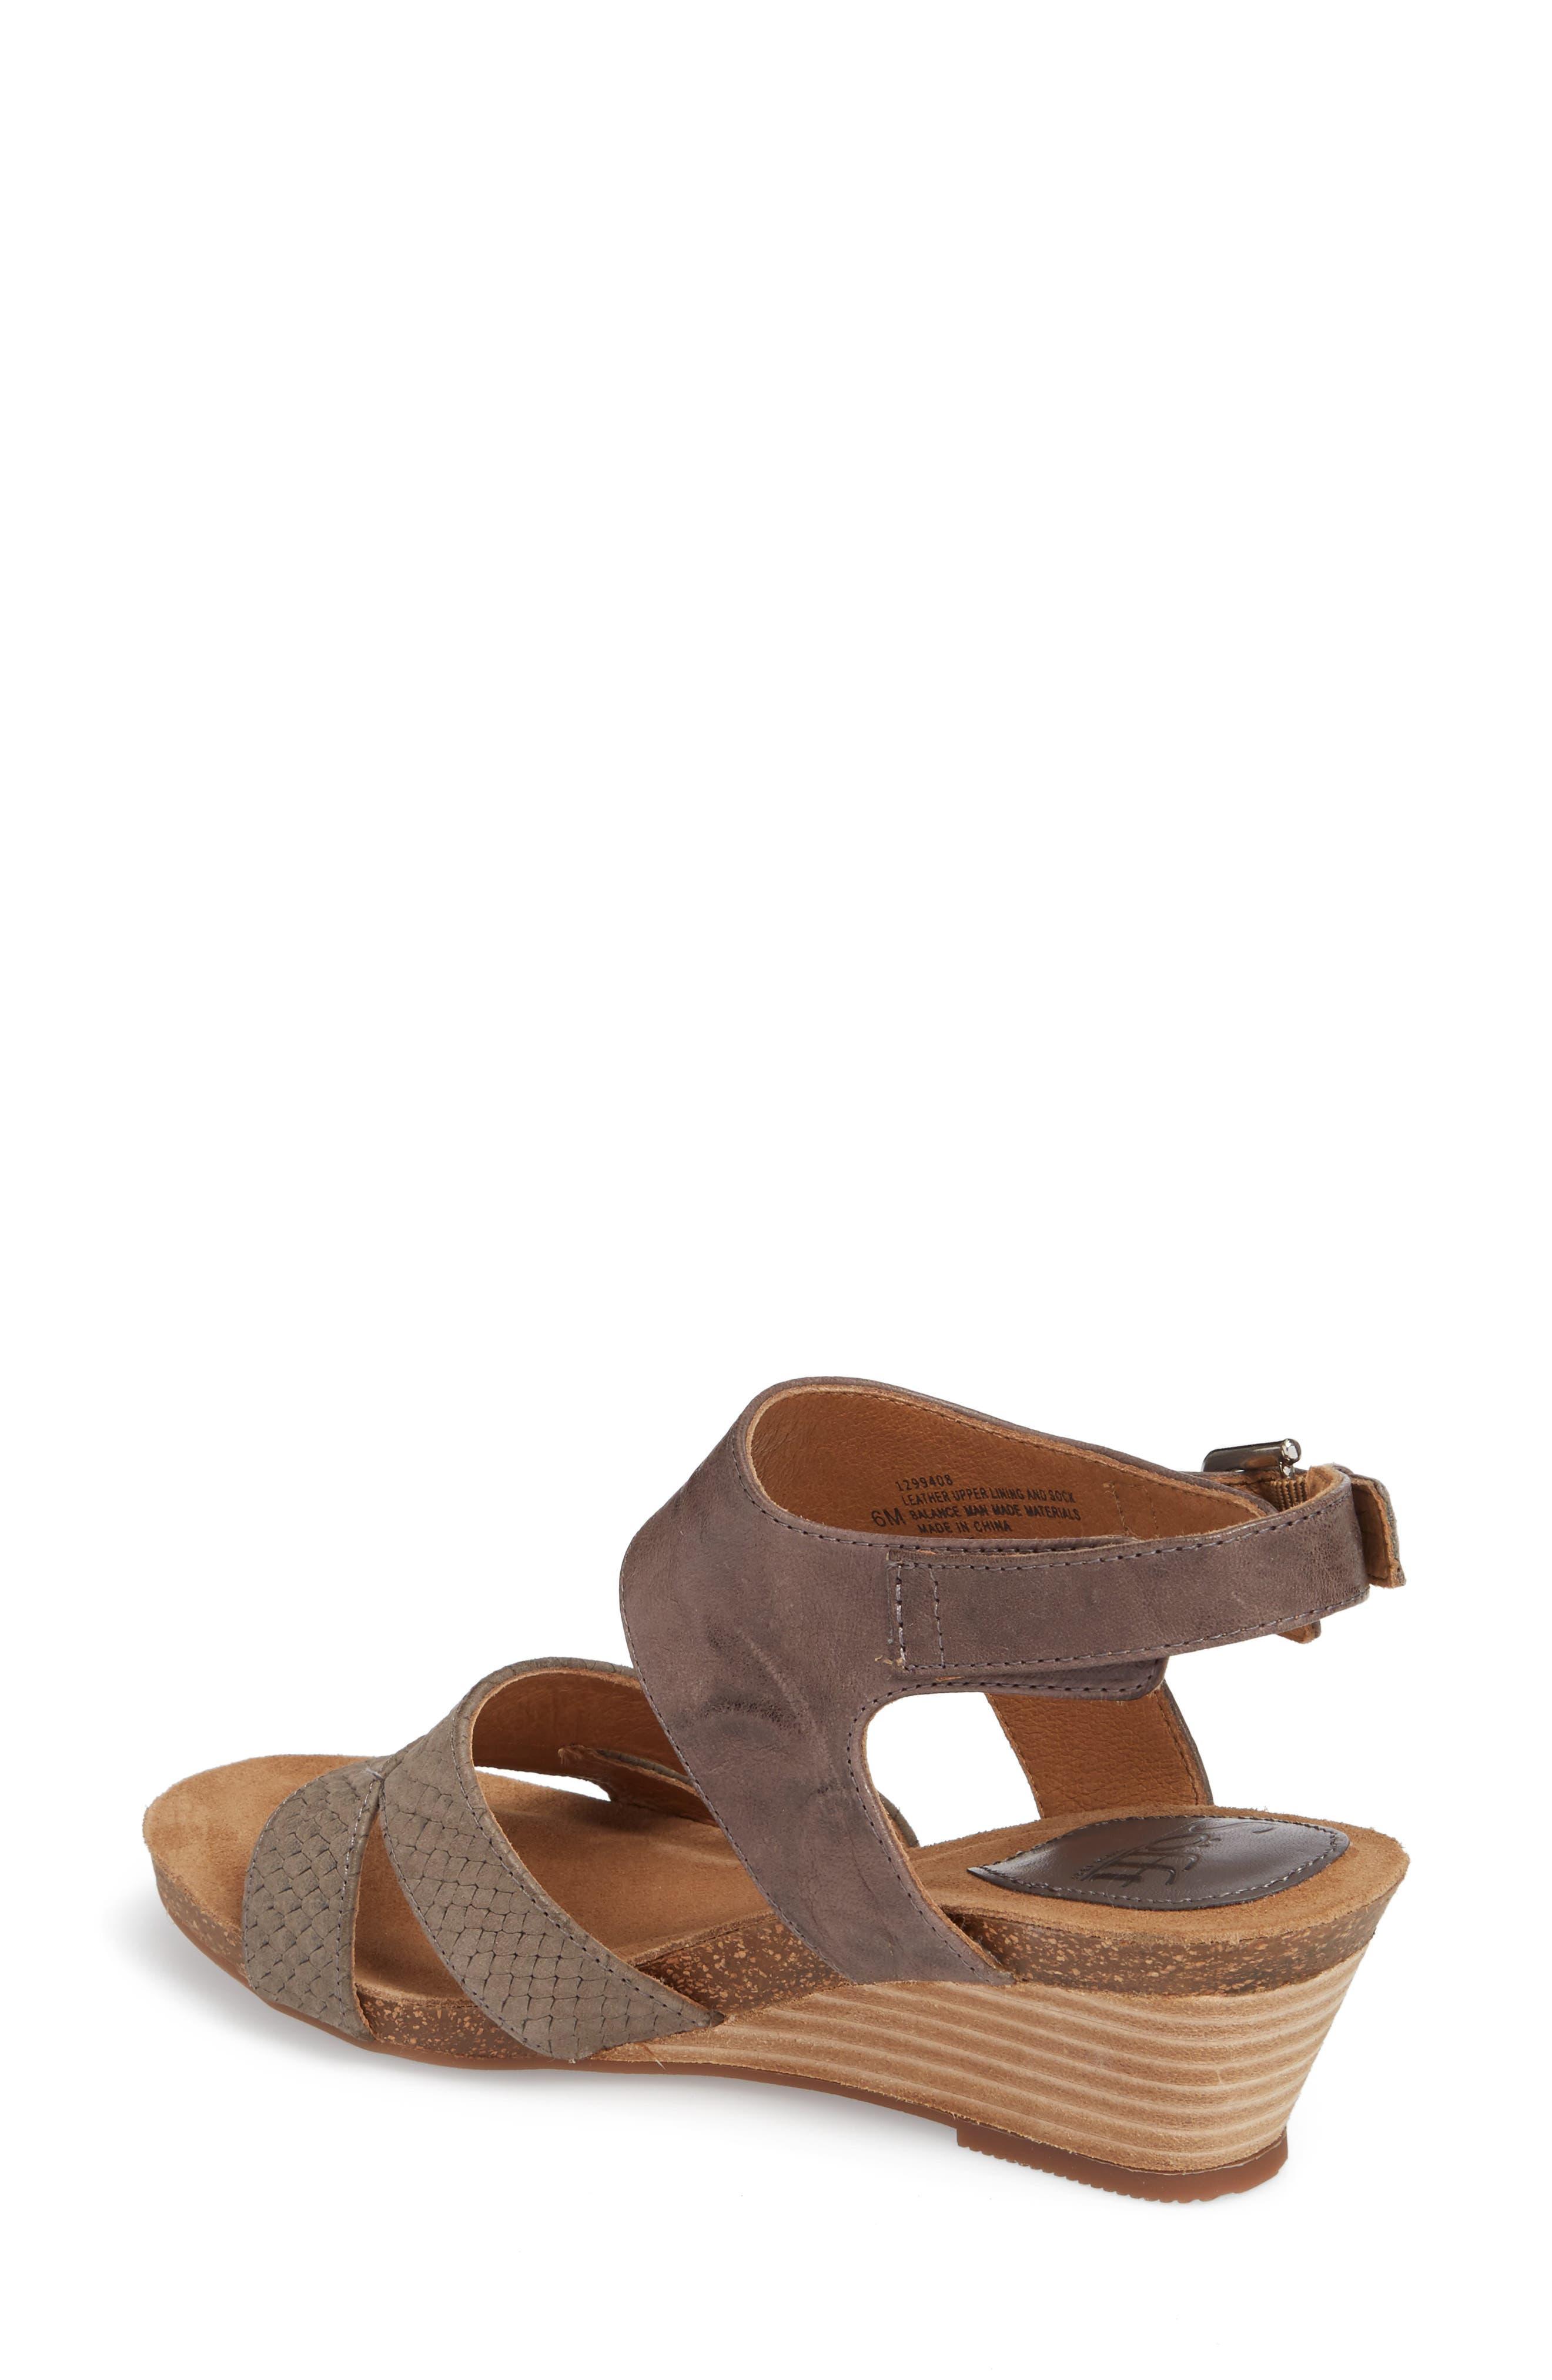 Velden Wedge Sandal,                             Alternate thumbnail 5, color,